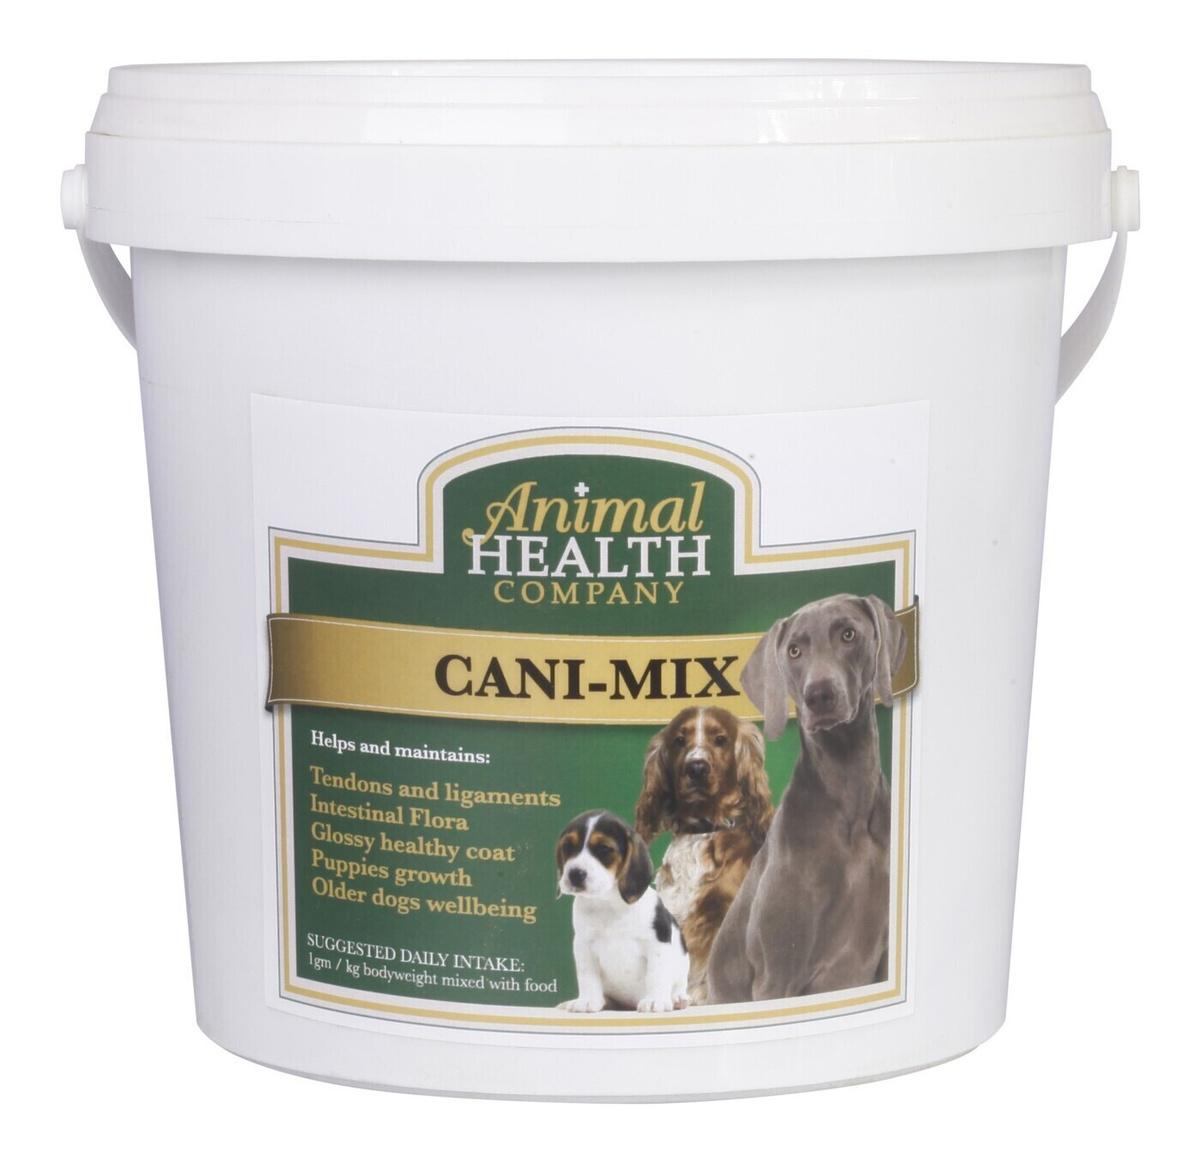 Пищевая добавка Cani Mix, для поддержания связок, сухожилий, шерсти и др., 800 г  #1